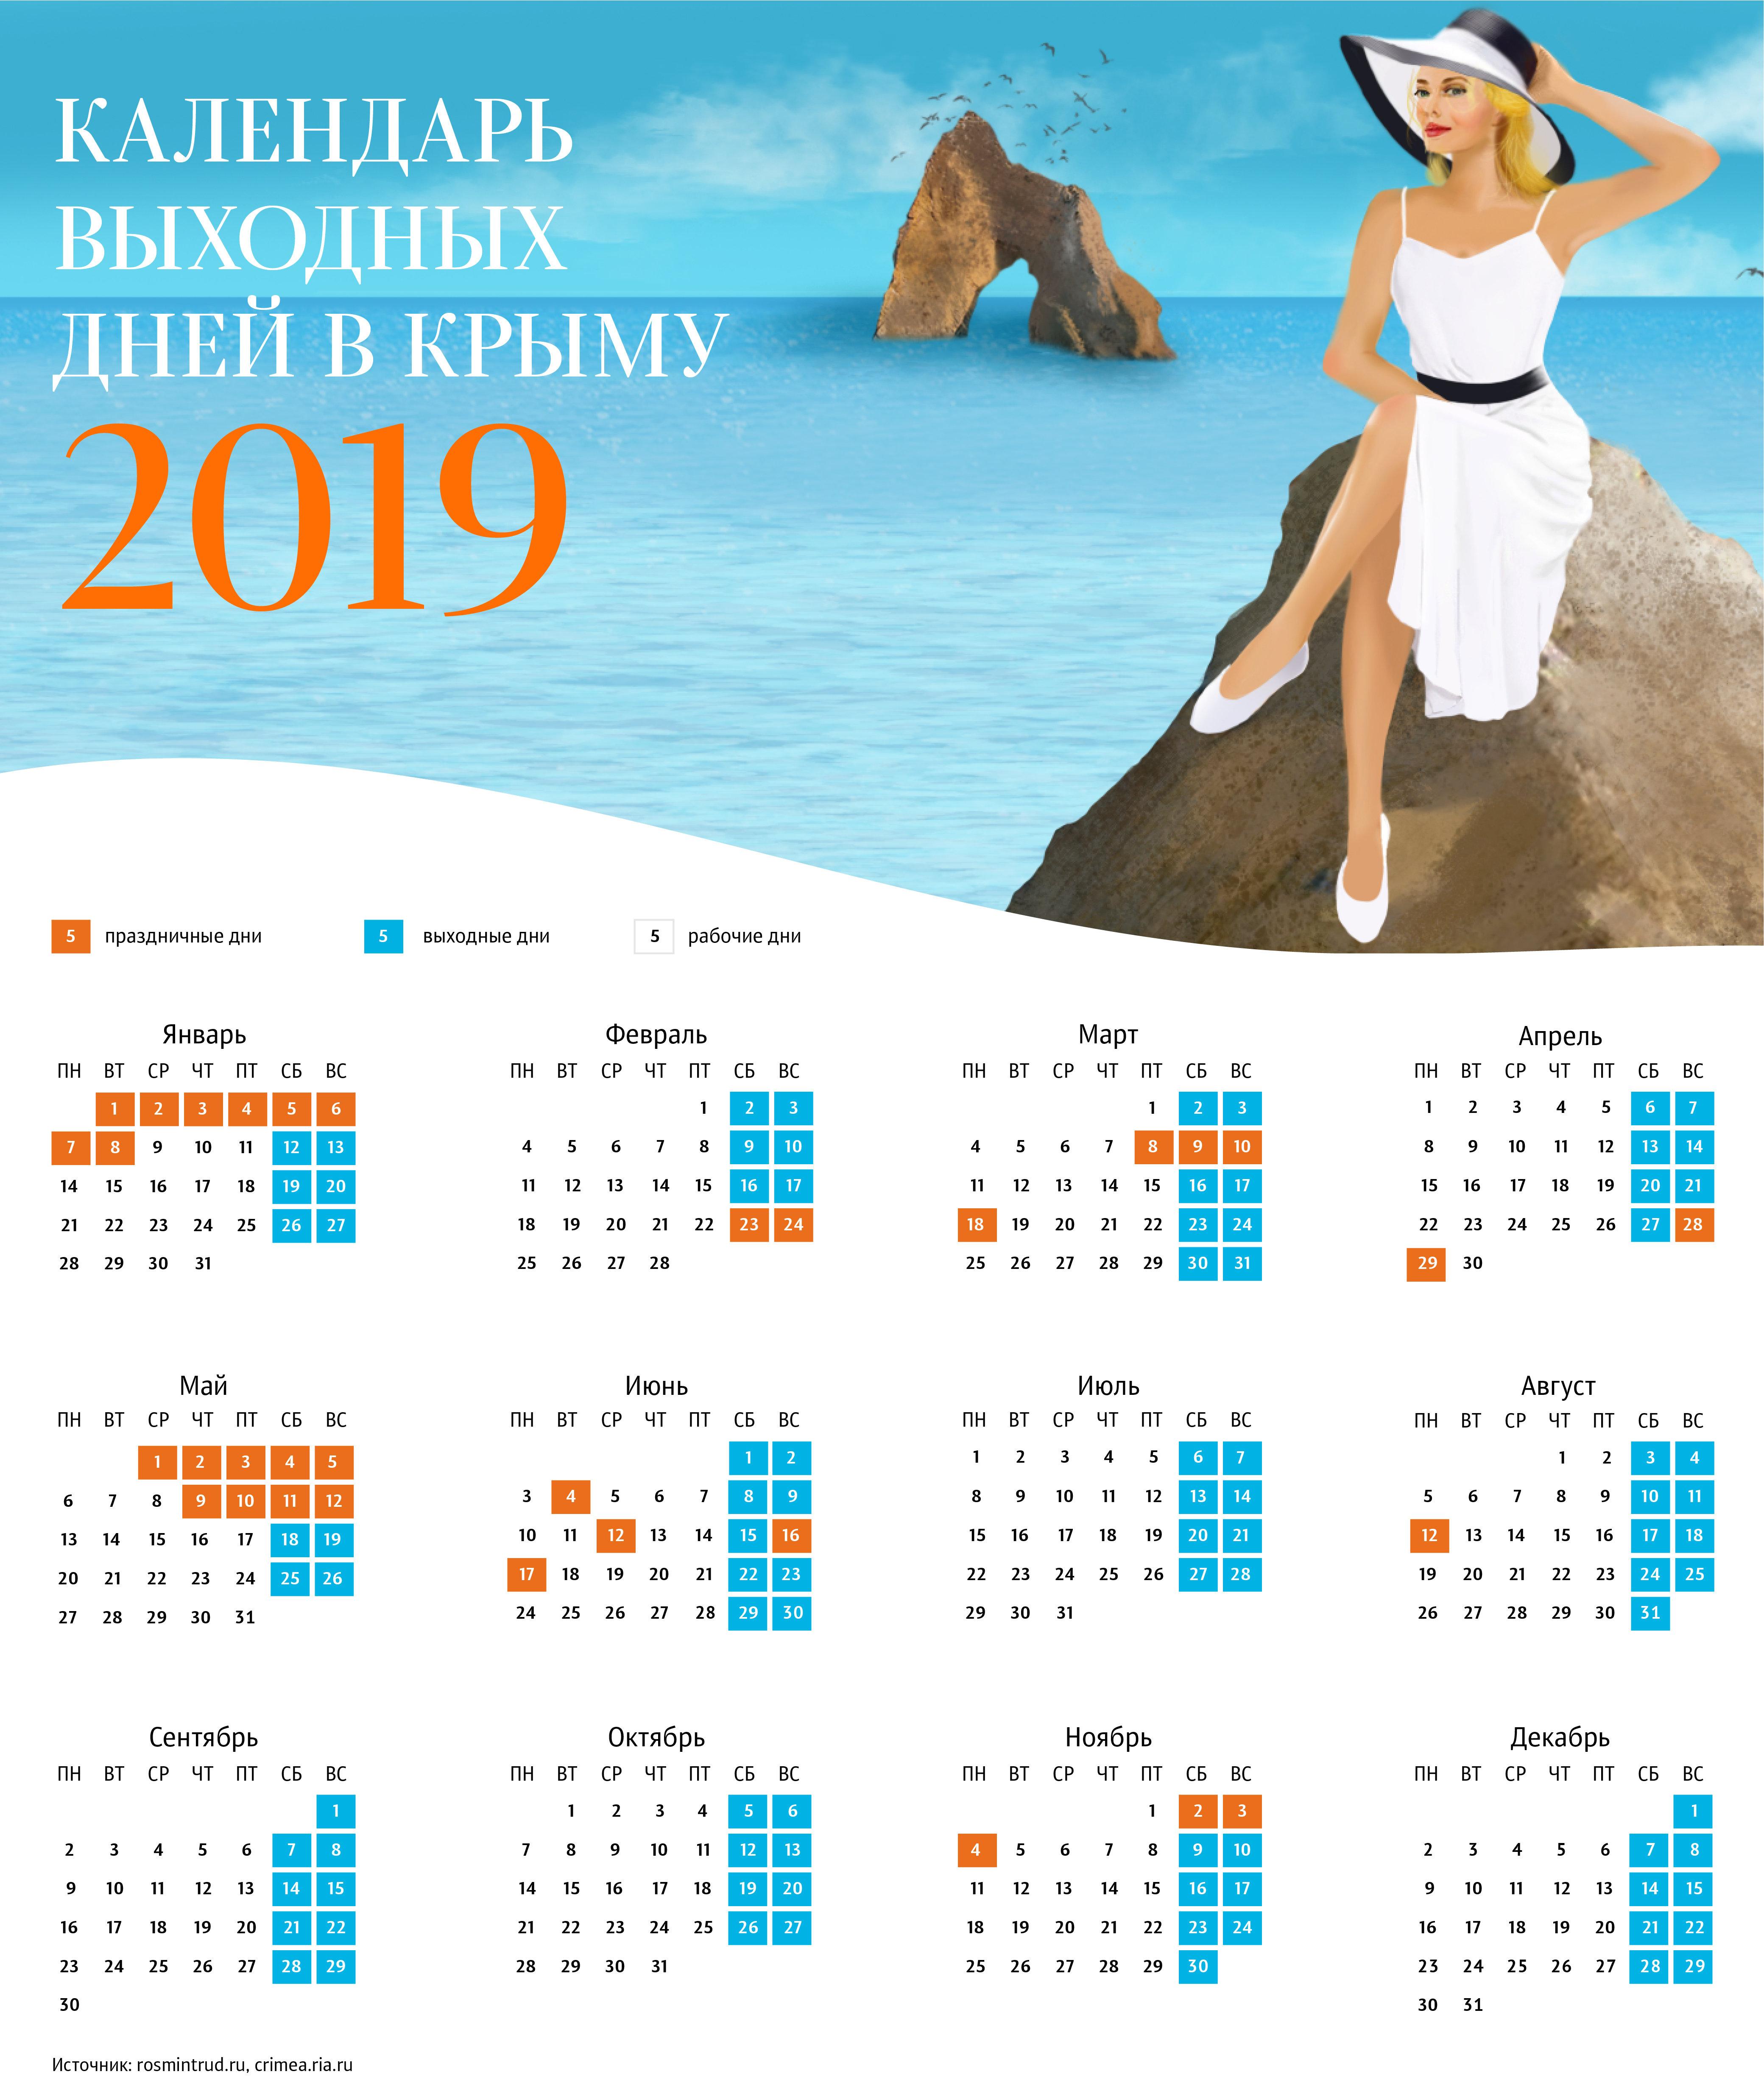 Календарь выходных дней в Крыму в 2019 году